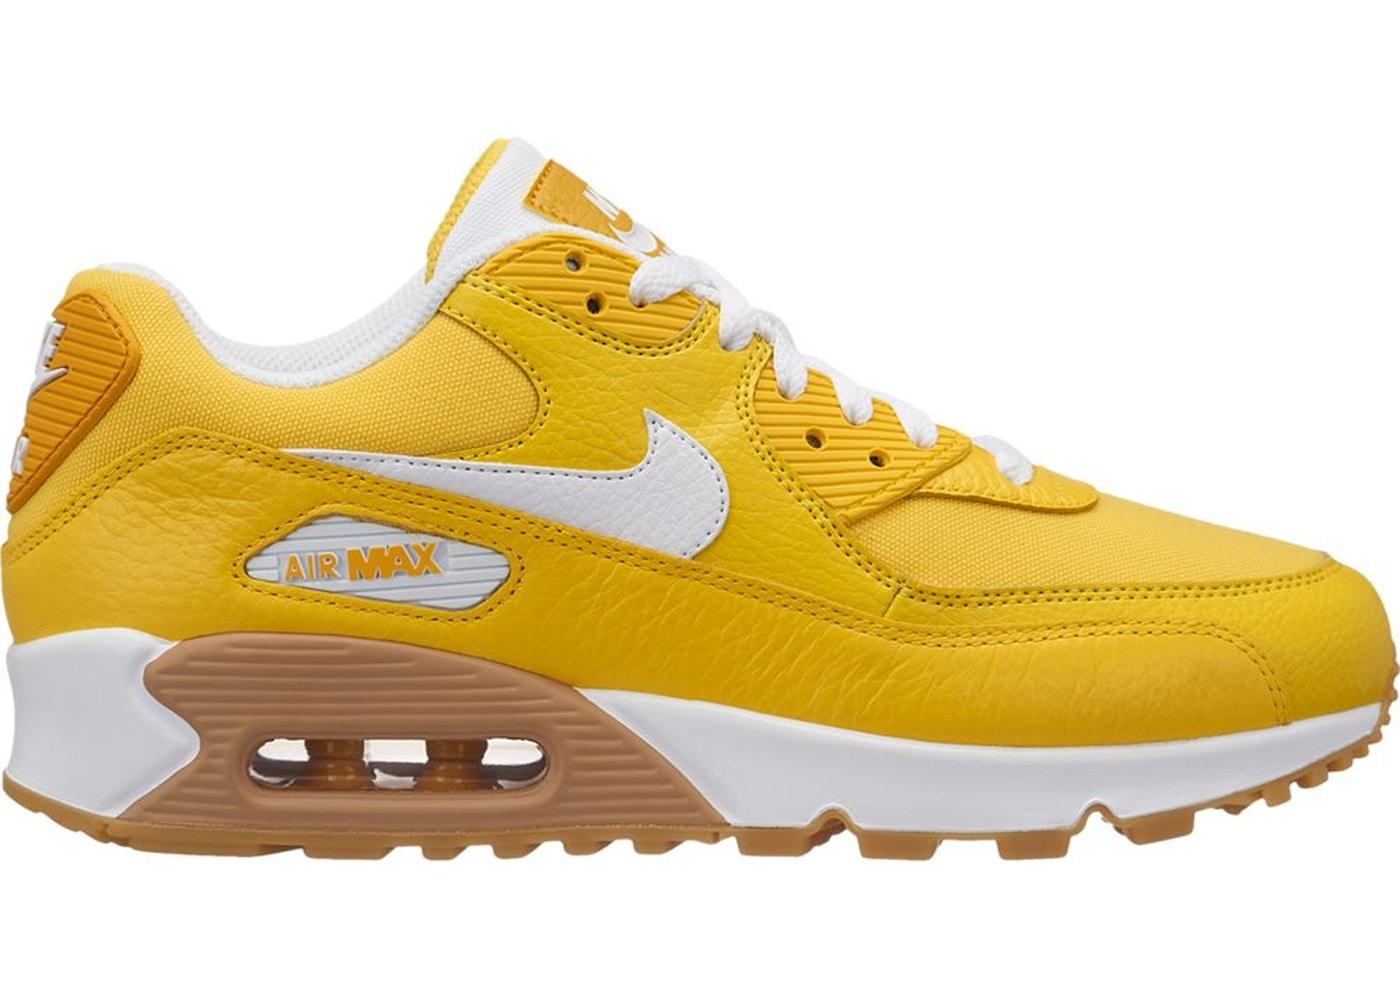 Nike Air Max 90 Tour Yellow Gum (W) - 896497-701